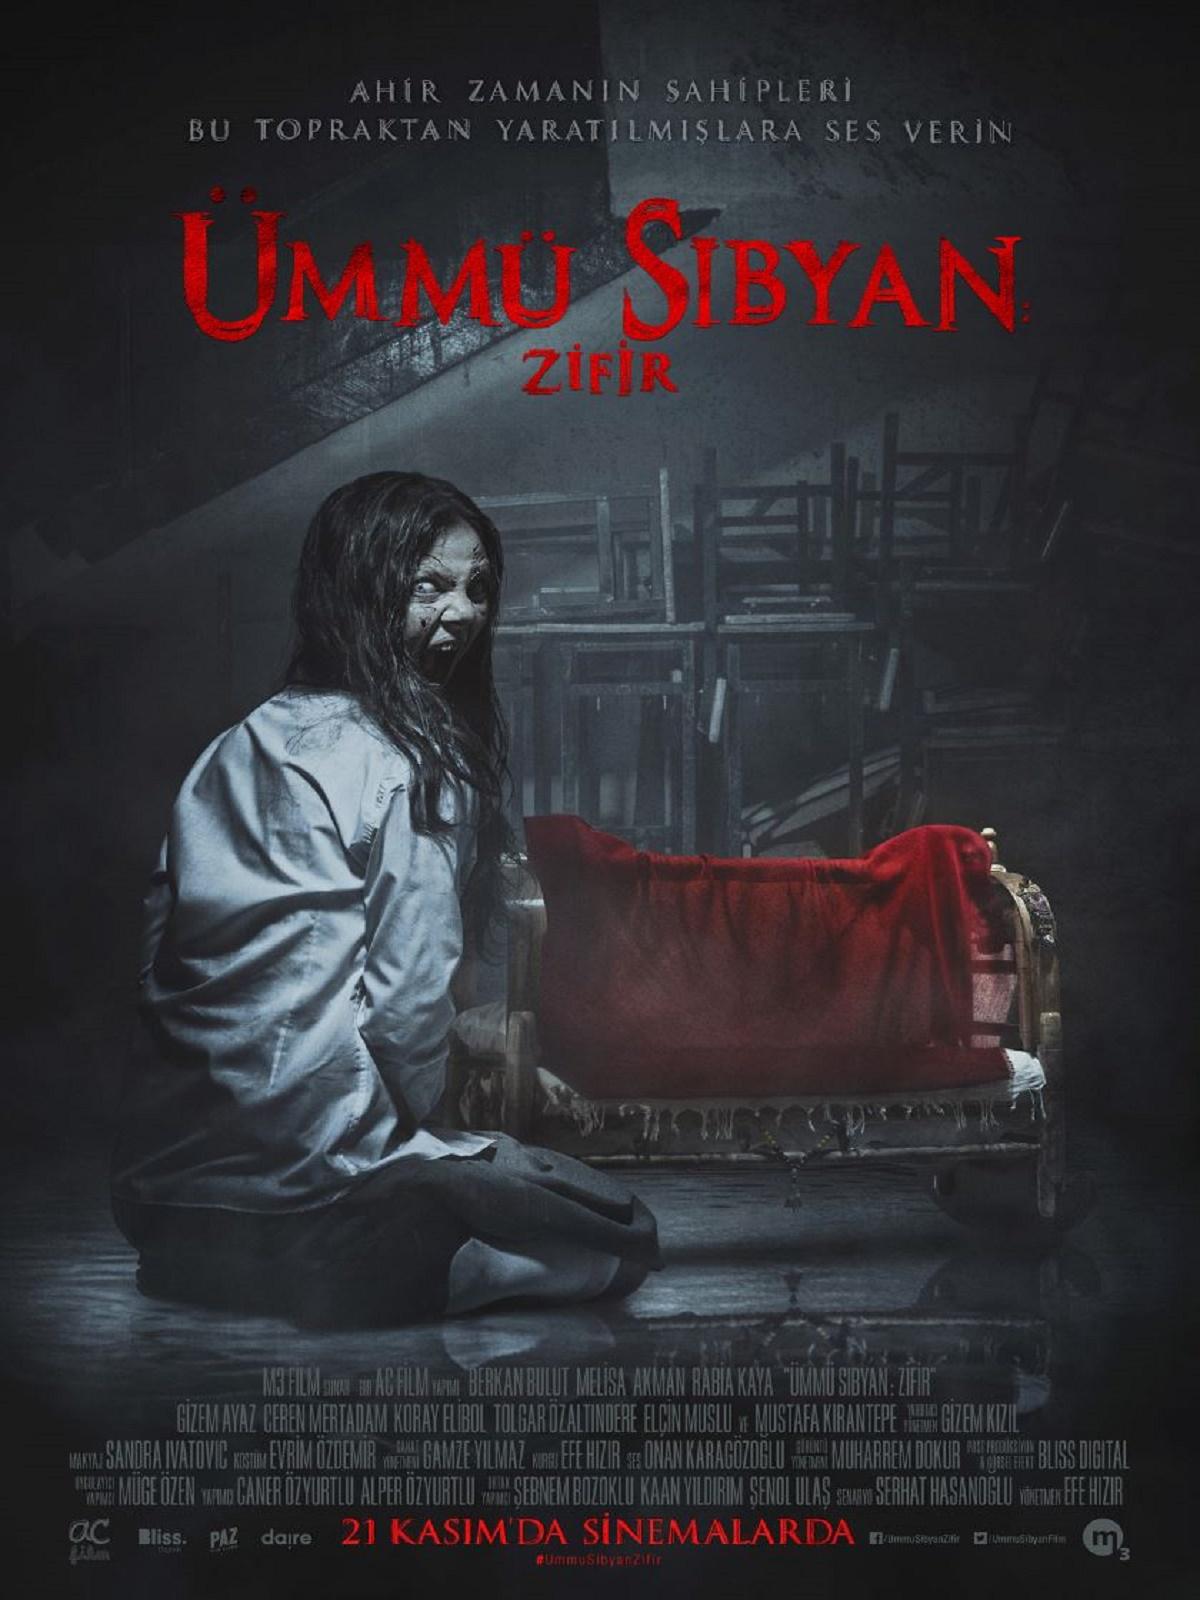 Ümmü Sibyan: Zifir izle | 2015 Yeni Korku Filmi